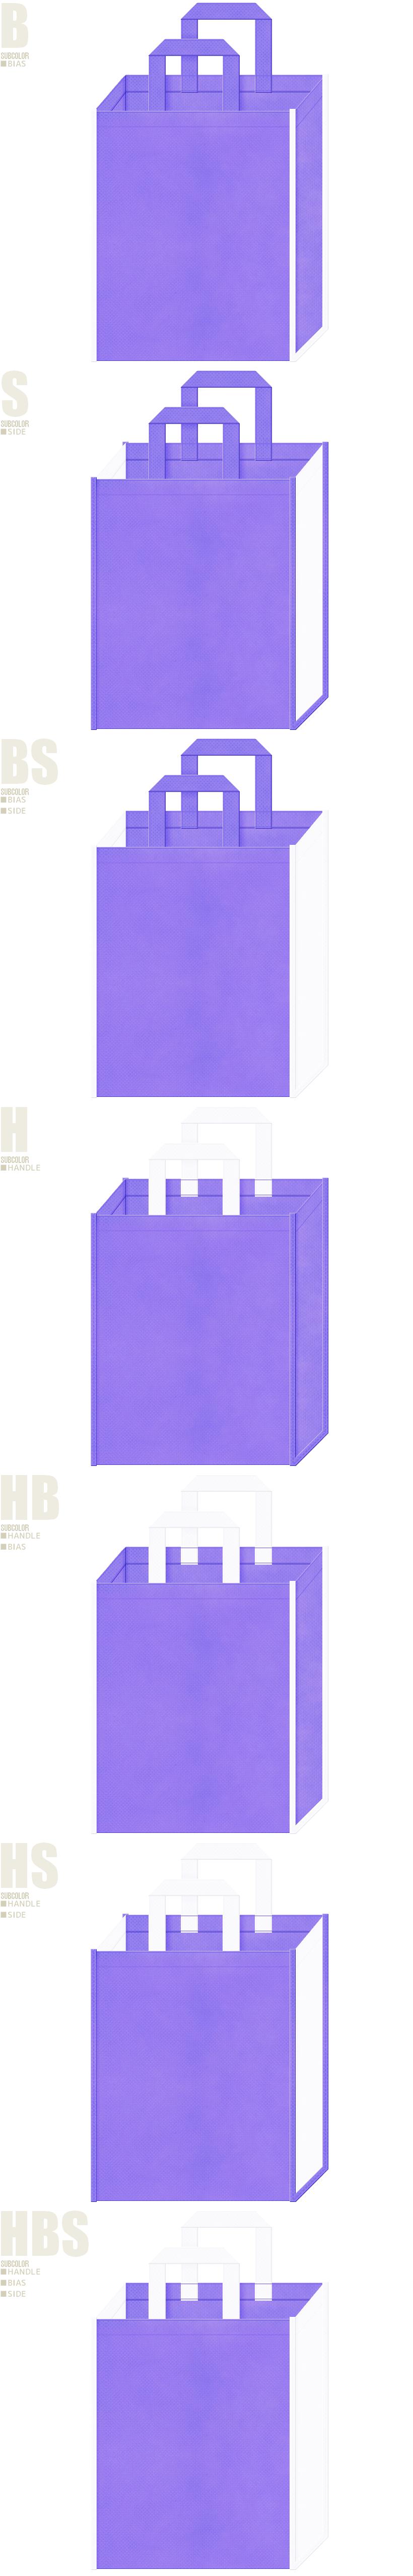 明るめの紫色と白色、7パターンの不織布トートバッグ配色デザイン例。医療セミナー・デンタルセミナーの資料配布用、医療・デンタル用品の展示会用バッグにお奨めです。